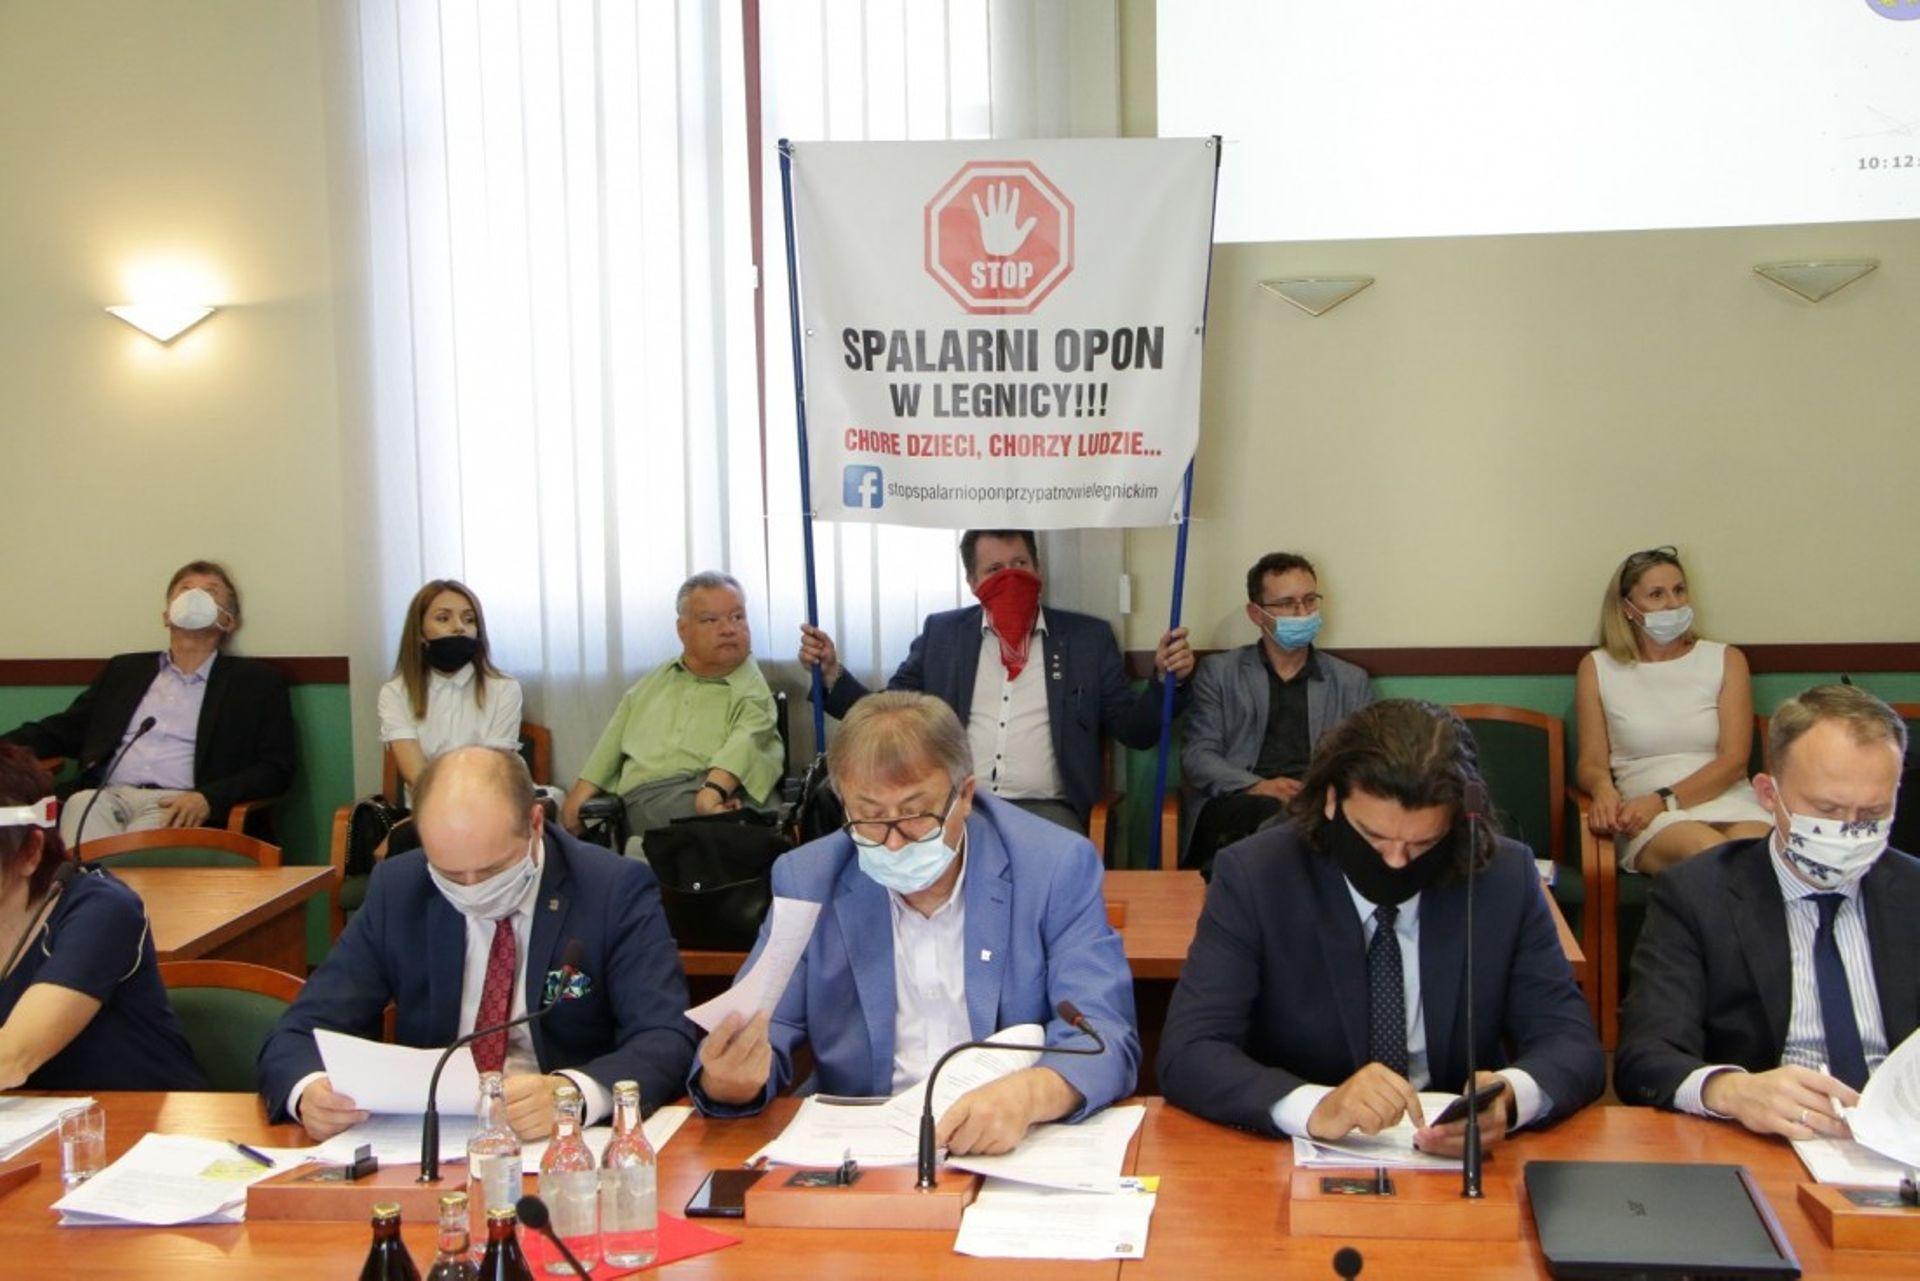 Legnica: Protesty mieszkańców przyniosły skutek. Inwestor wycofuje się z budowy spalarni opon